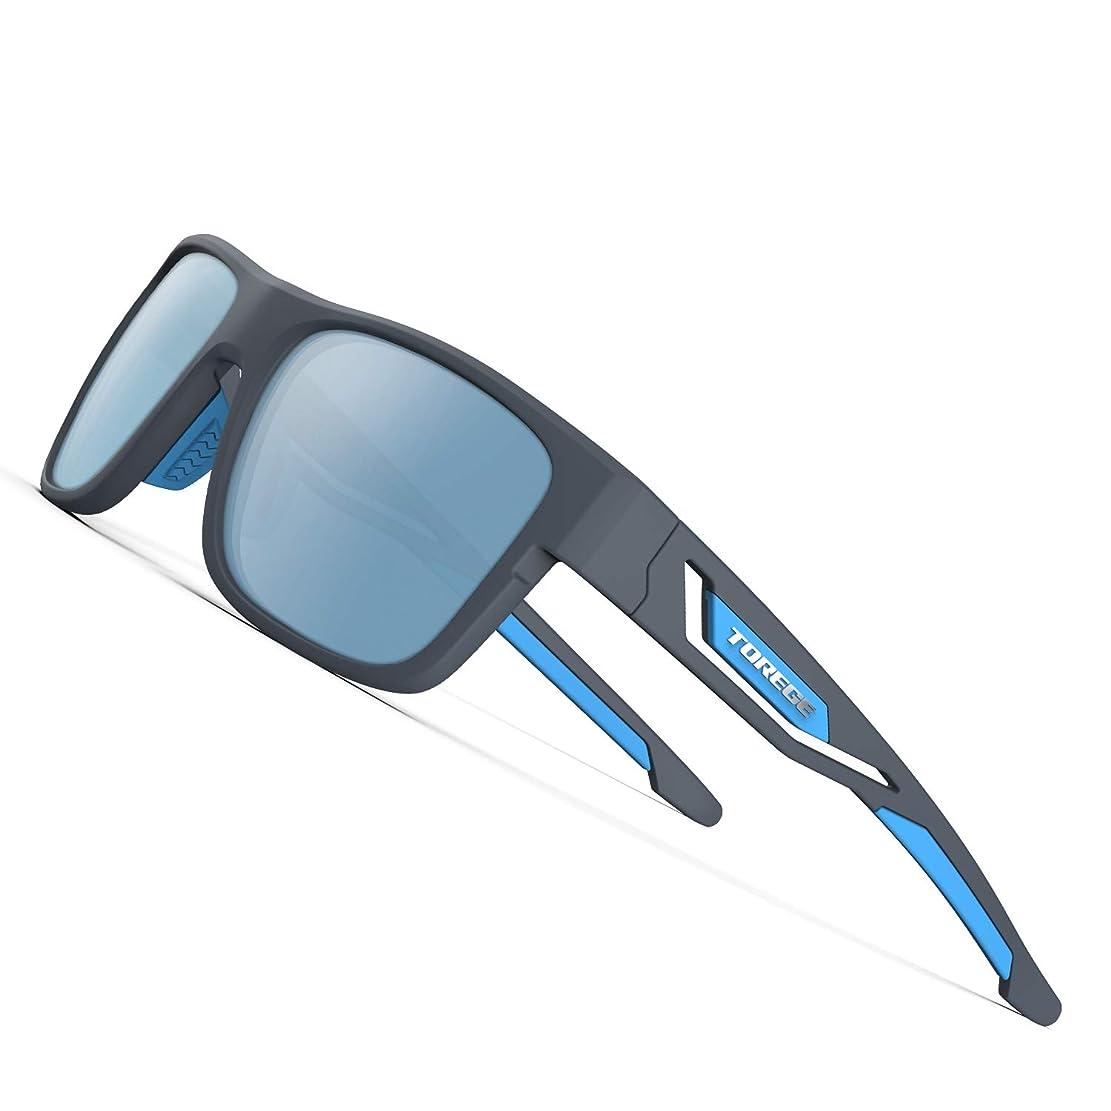 慎重に吸収絶滅させるTorege 偏光レンズ サングラス 超軽量フレームTR90 UV400 紫外線カット 抗衝撃 男女兼用 スポーツサングラス/ 自転車/釣り/野球/テニス/スキー/ランニング/ゴルフ/ドライブ 運動メガネTR12